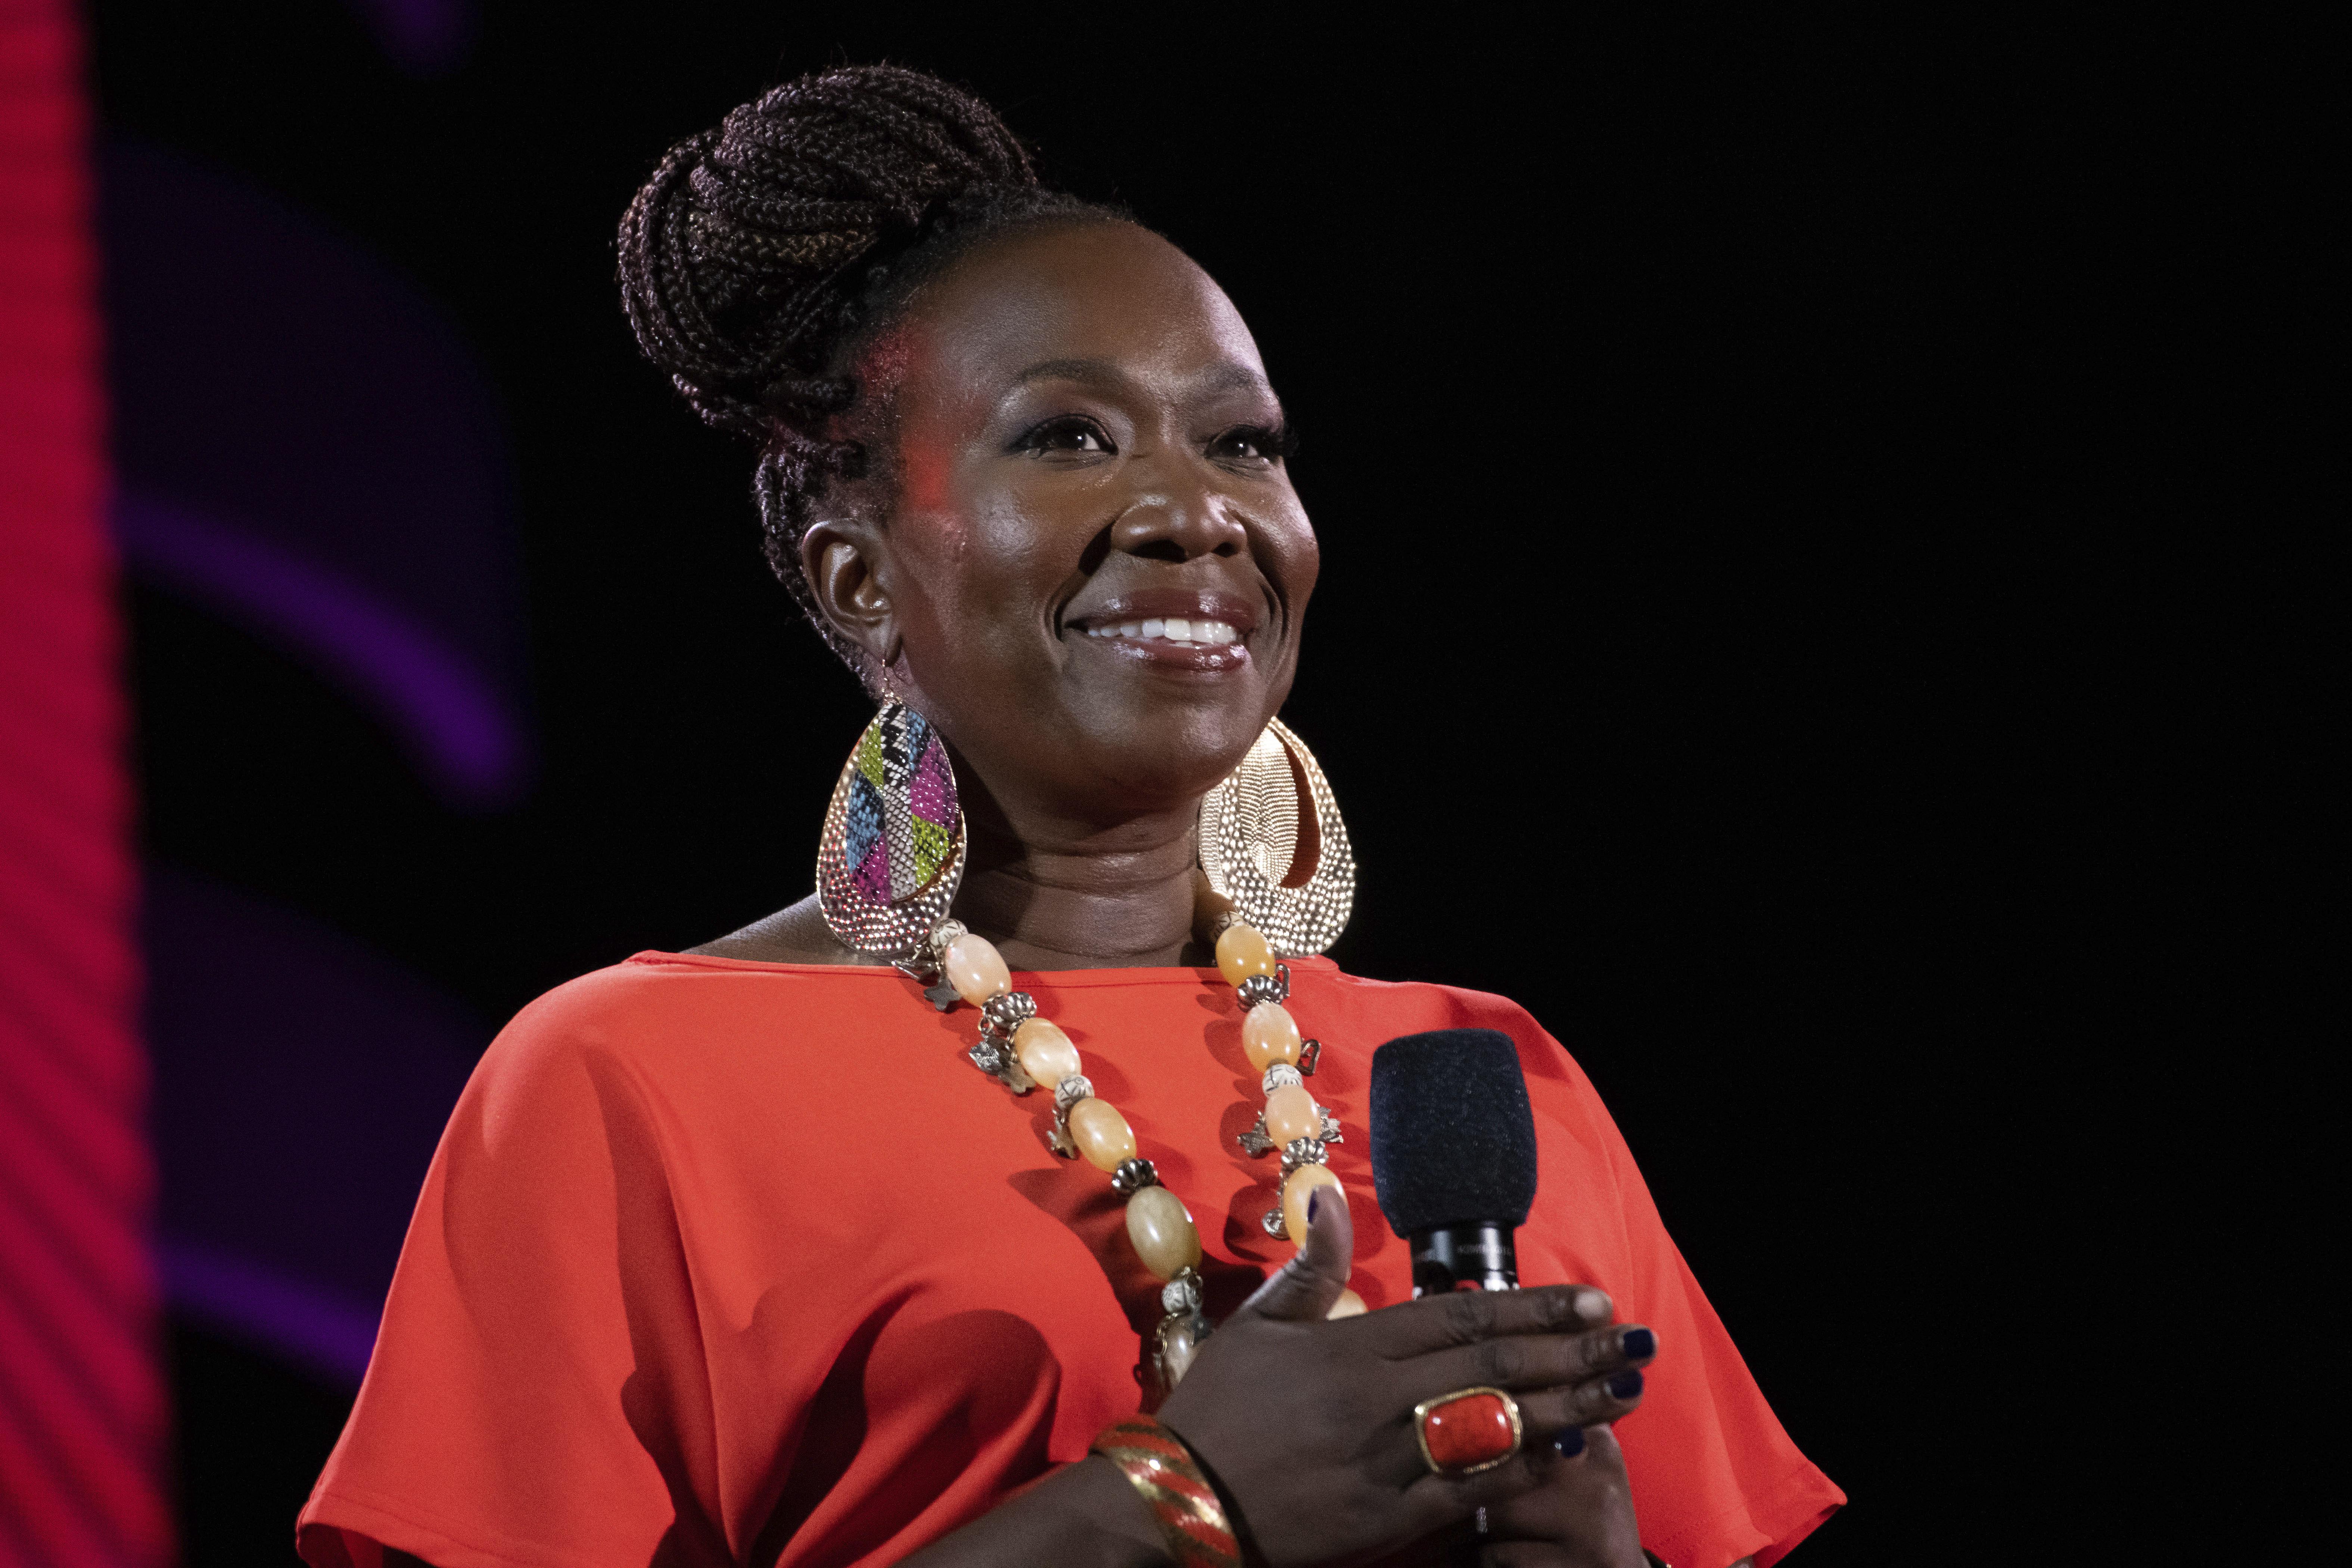 Joy Reid speaks at the 2019 Global Citizen Festival on Sept. 28, 2019, in New York.